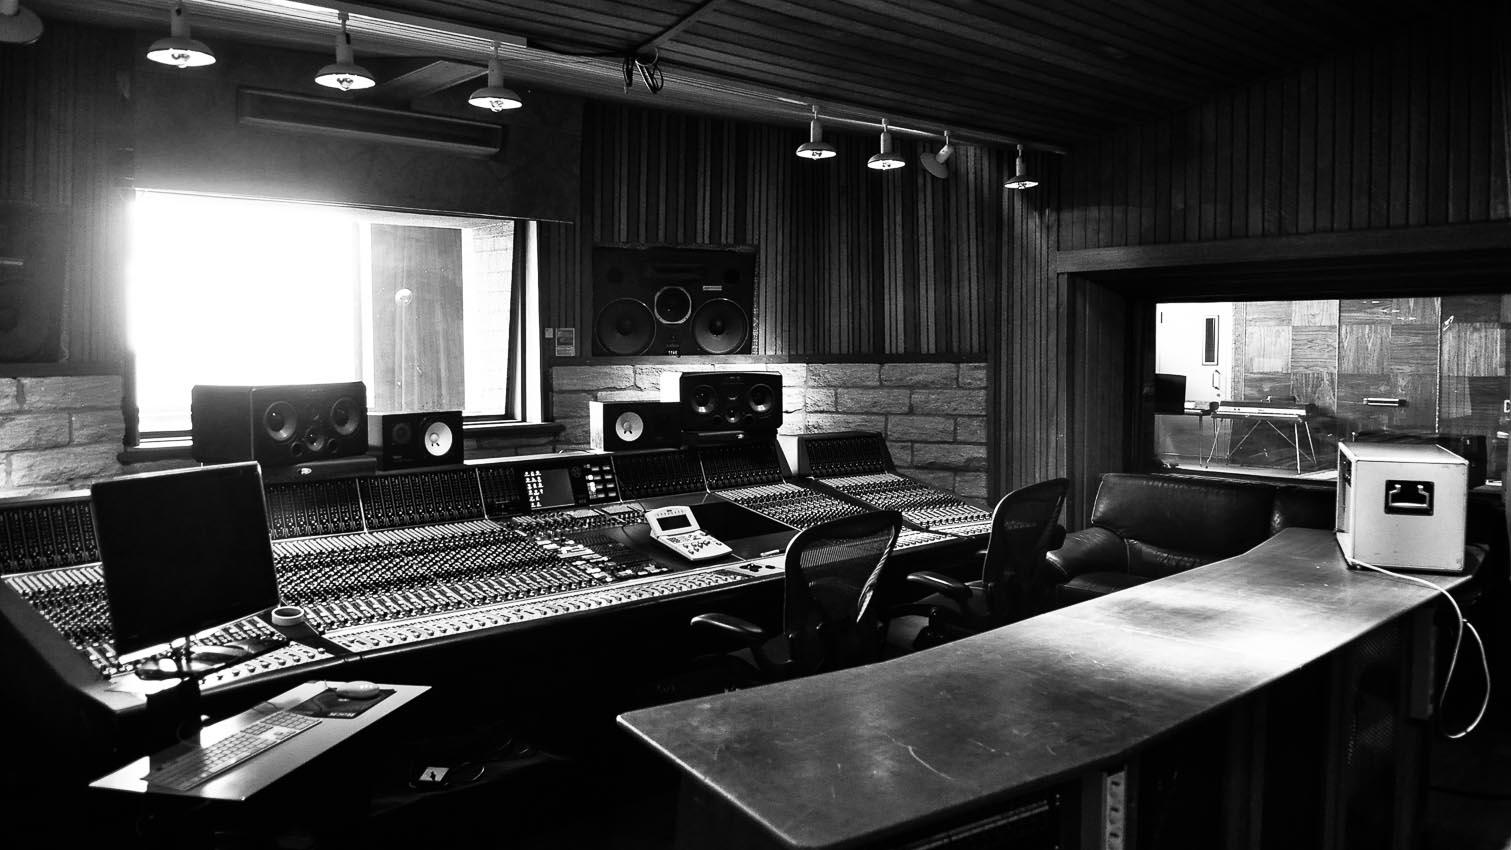 studios film photo music  u2022 16